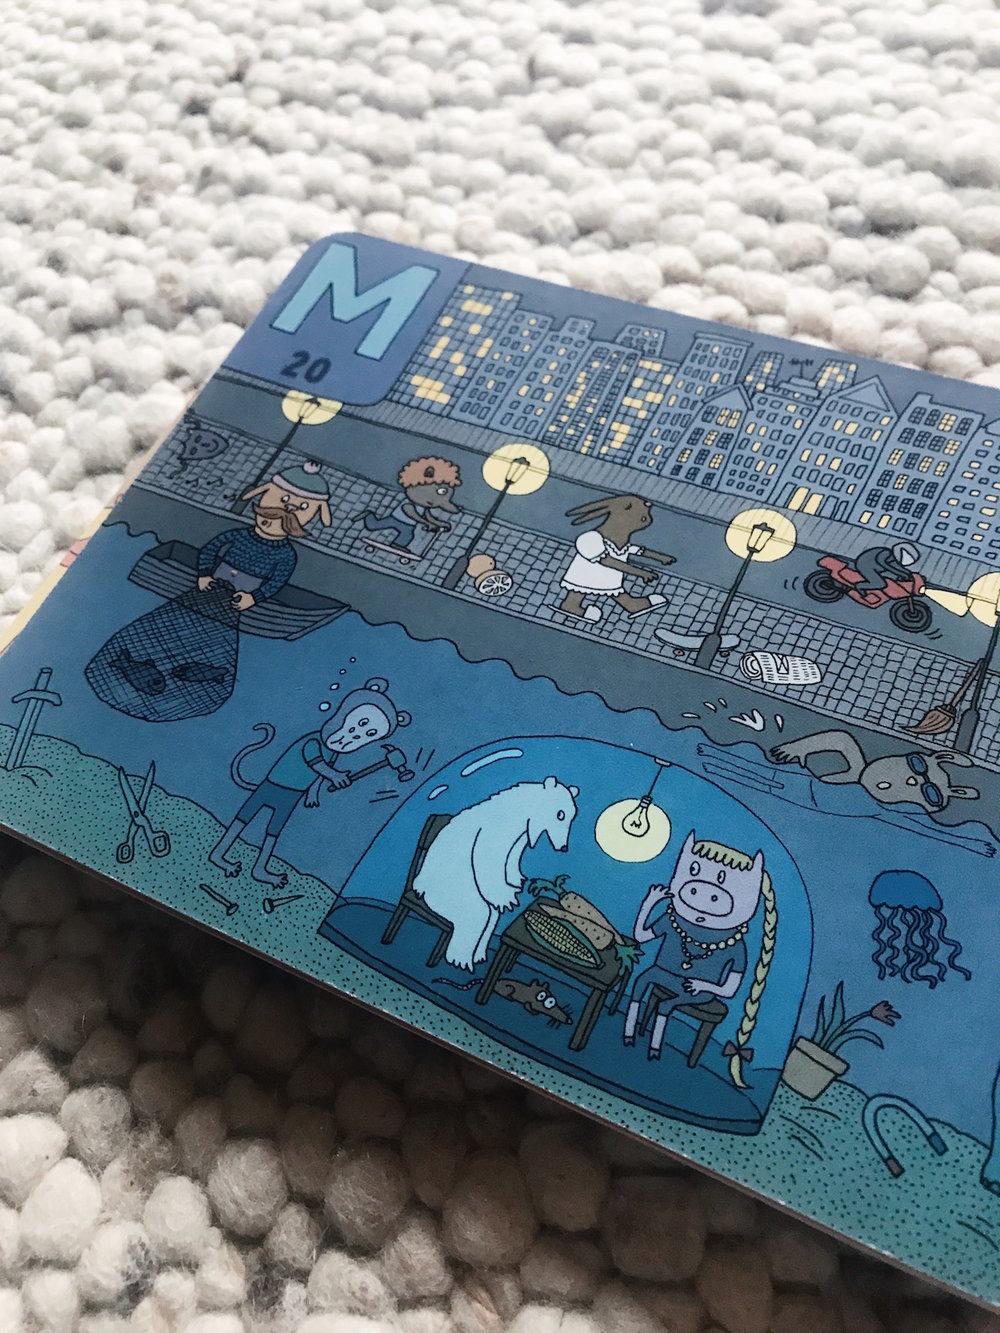 """Magnet. Maus. Maske. Motorrad. Was trägt noch den Anfangsbuchstaben """"M"""" im Bild?"""